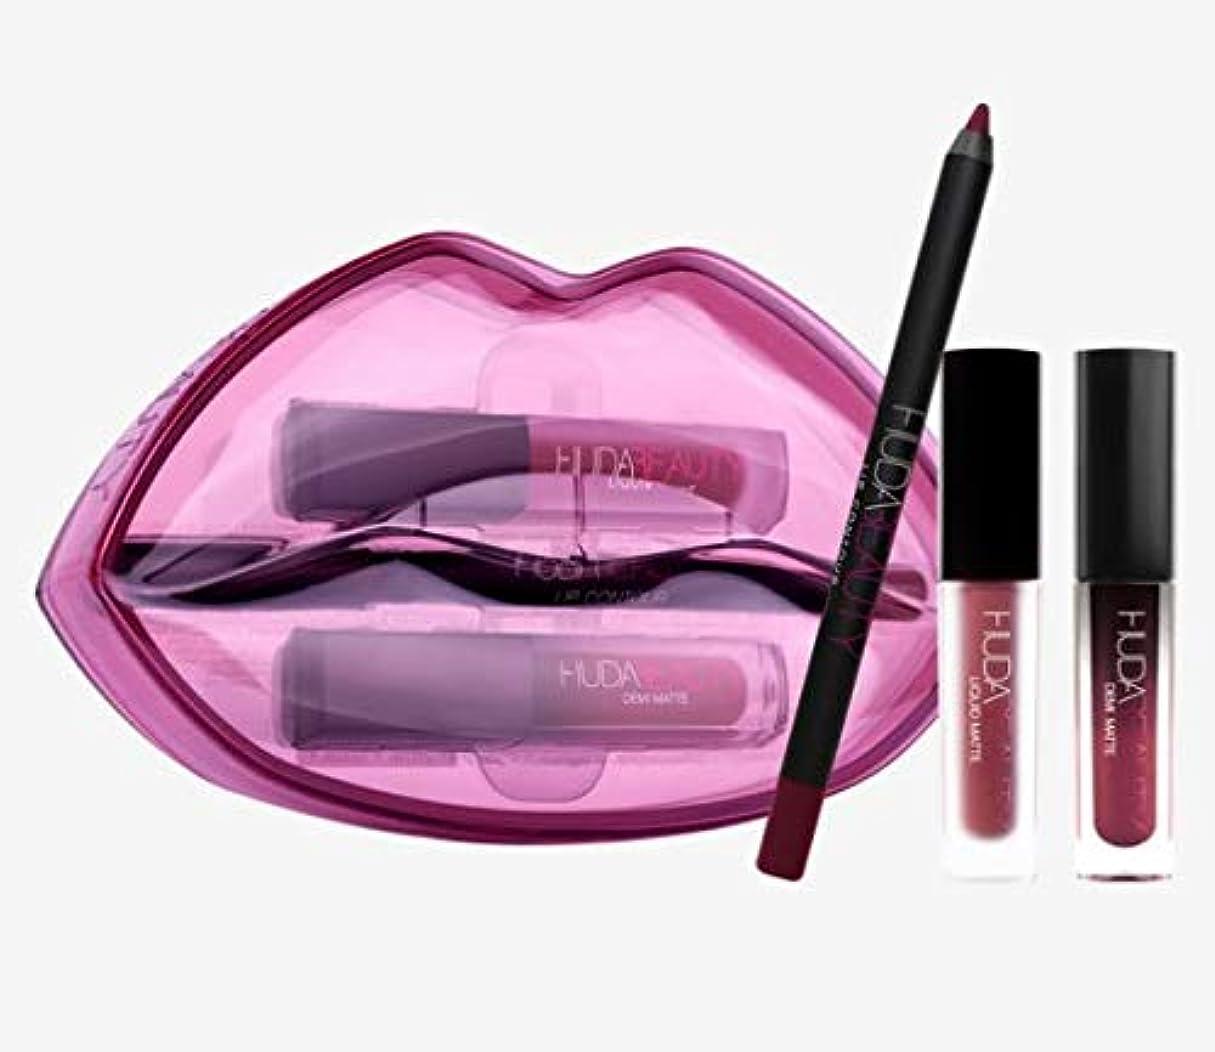 素晴らしき比喩ホステルHudabeauty Matte & Cream Lip Set Bawse & Famous リップセット マットリップ